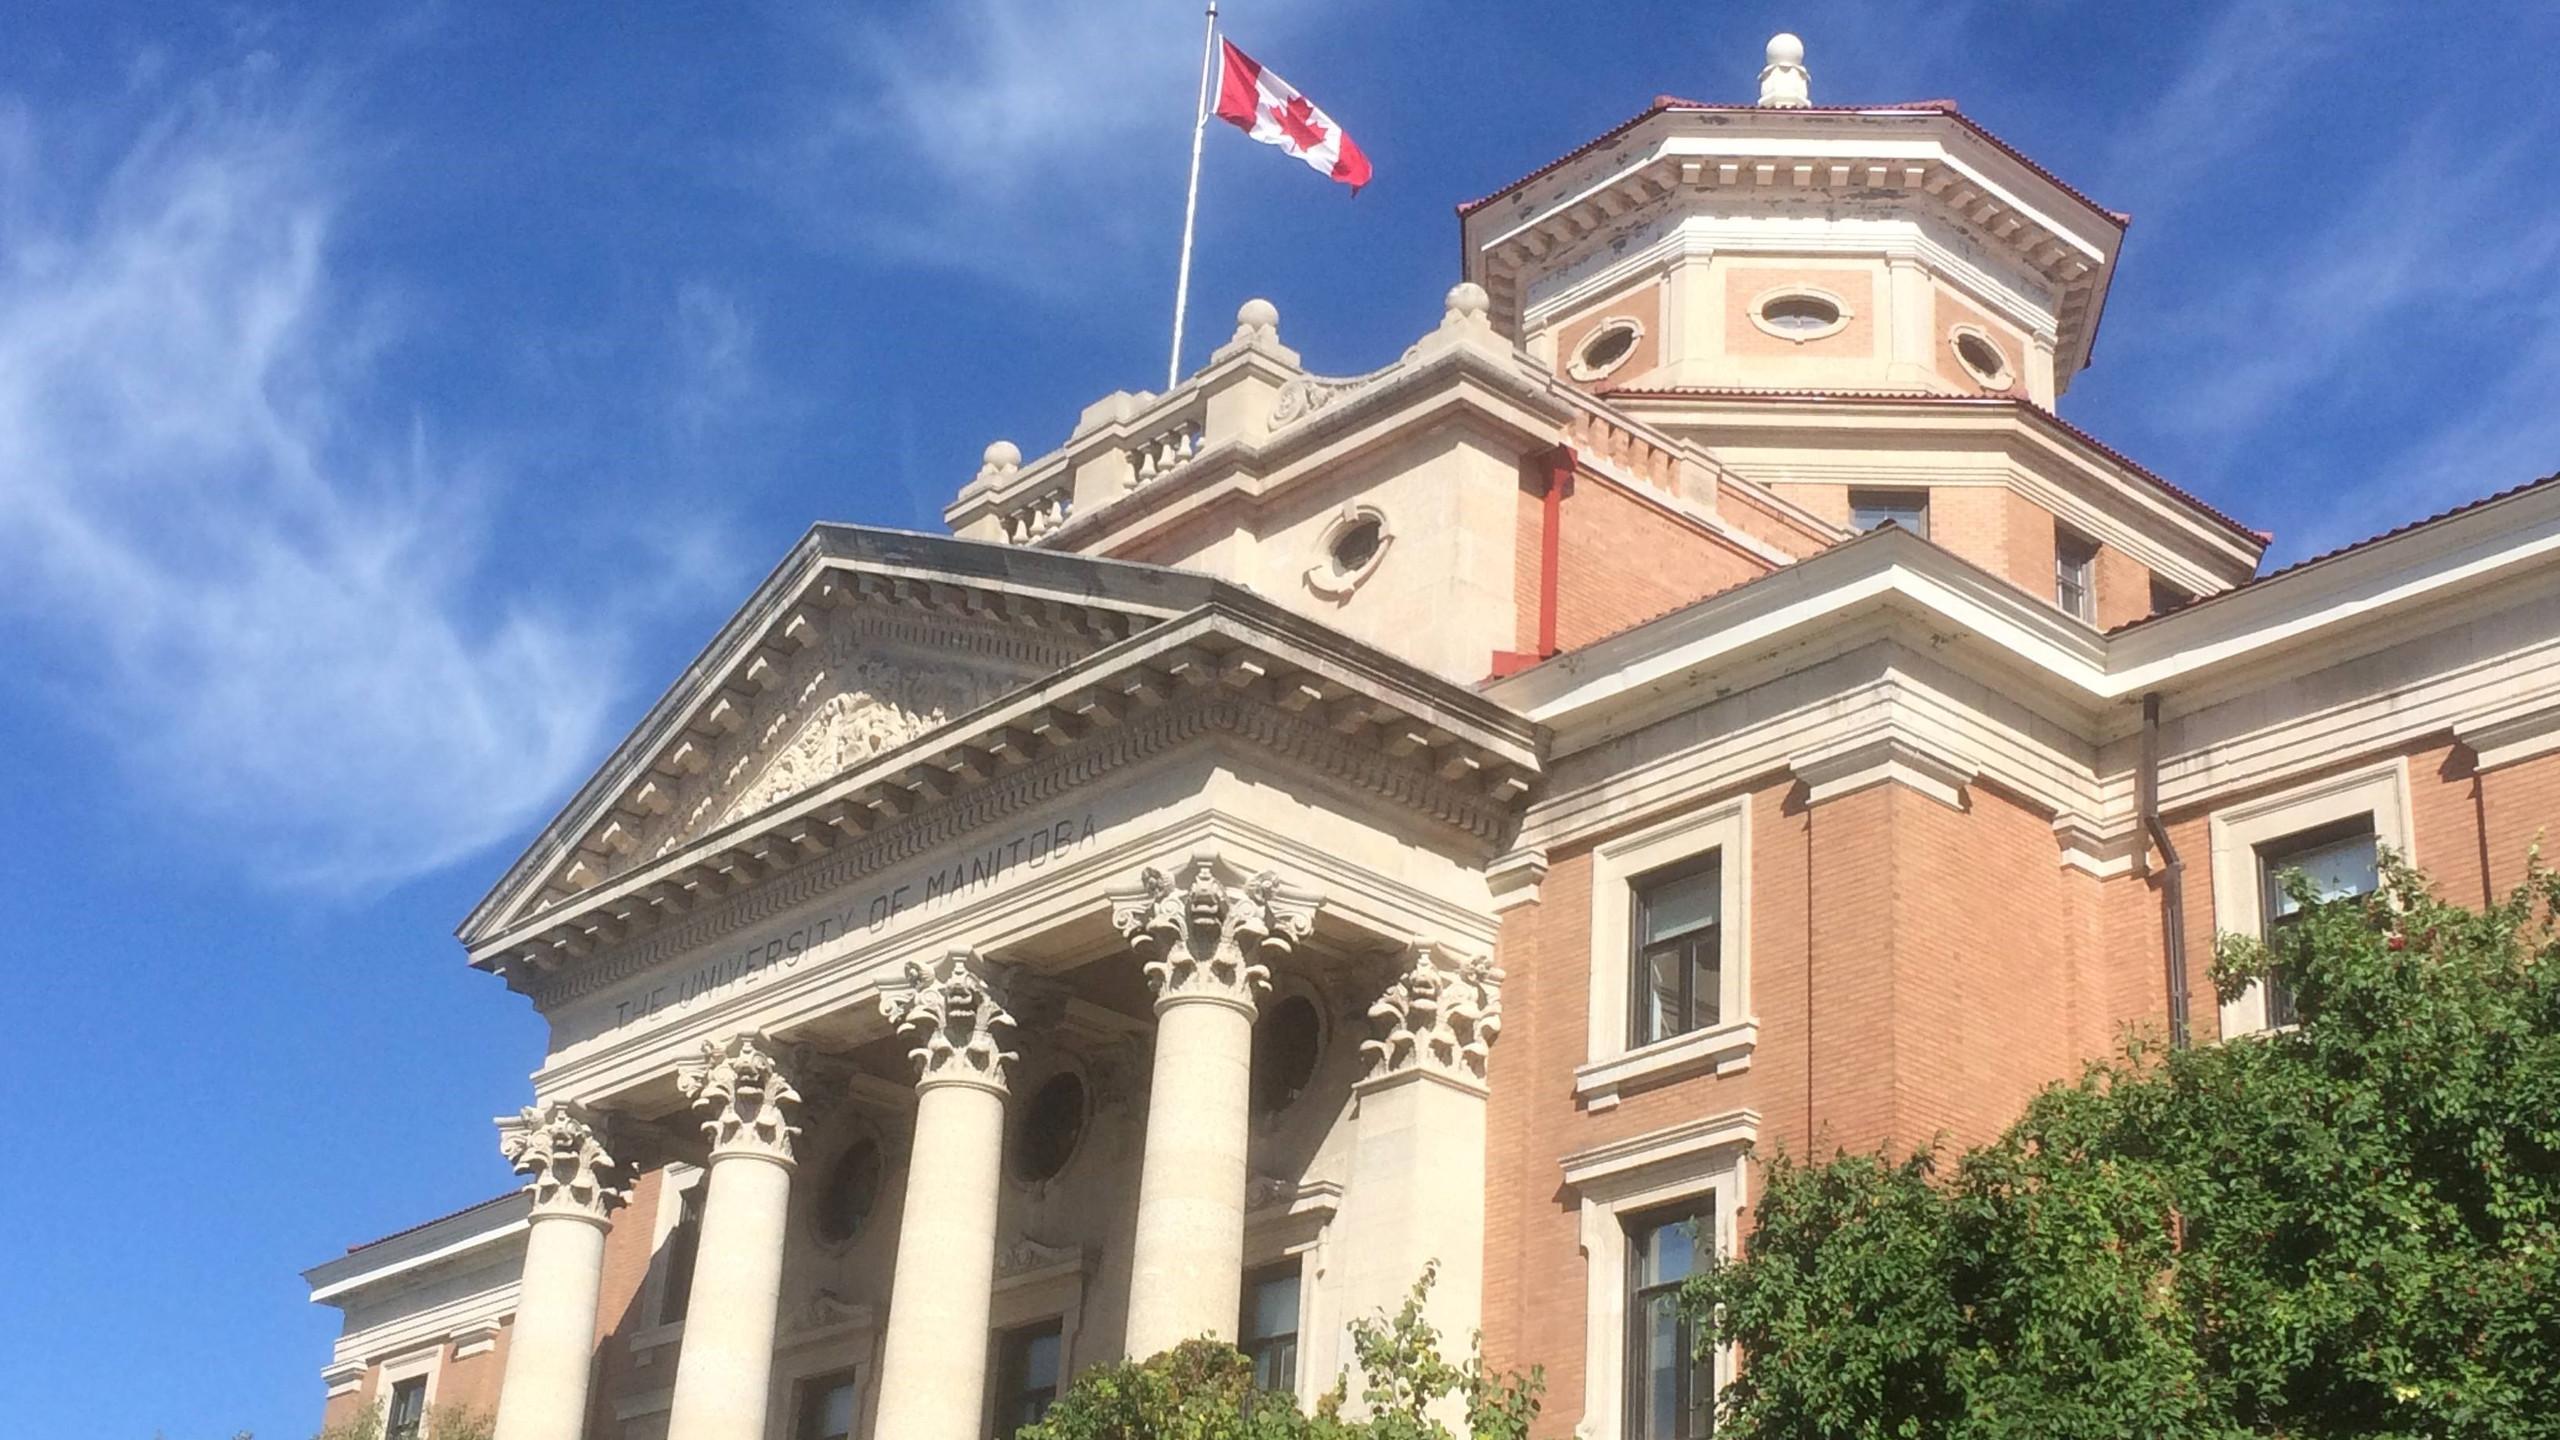 Het hoofdgebouw van de campus: overal waar je kijkt zie je met trots de Canadese vlag wapperen. Canadezen zijn erg trots op hun diversiteit en vriendelijkheid.